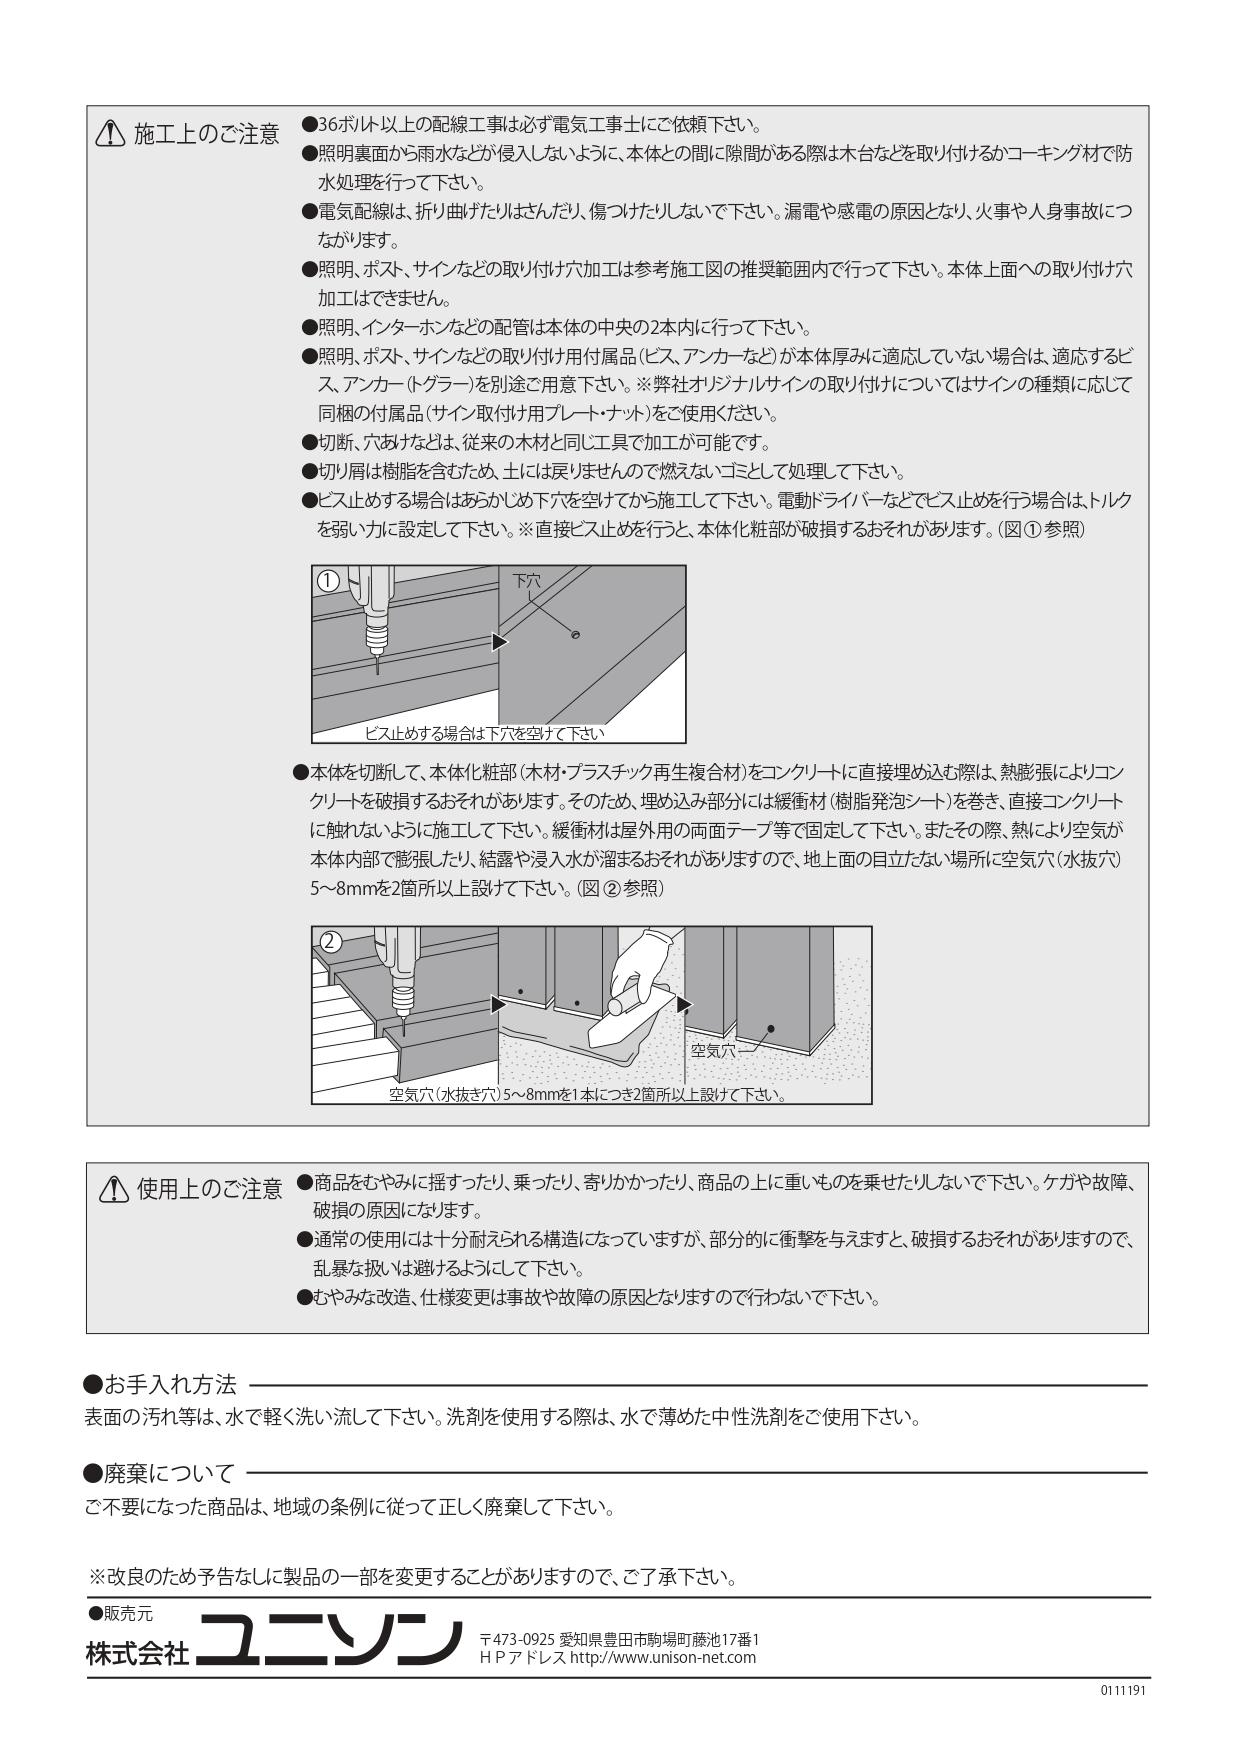 フォレスコネクトND_取扱説明書_page-0004